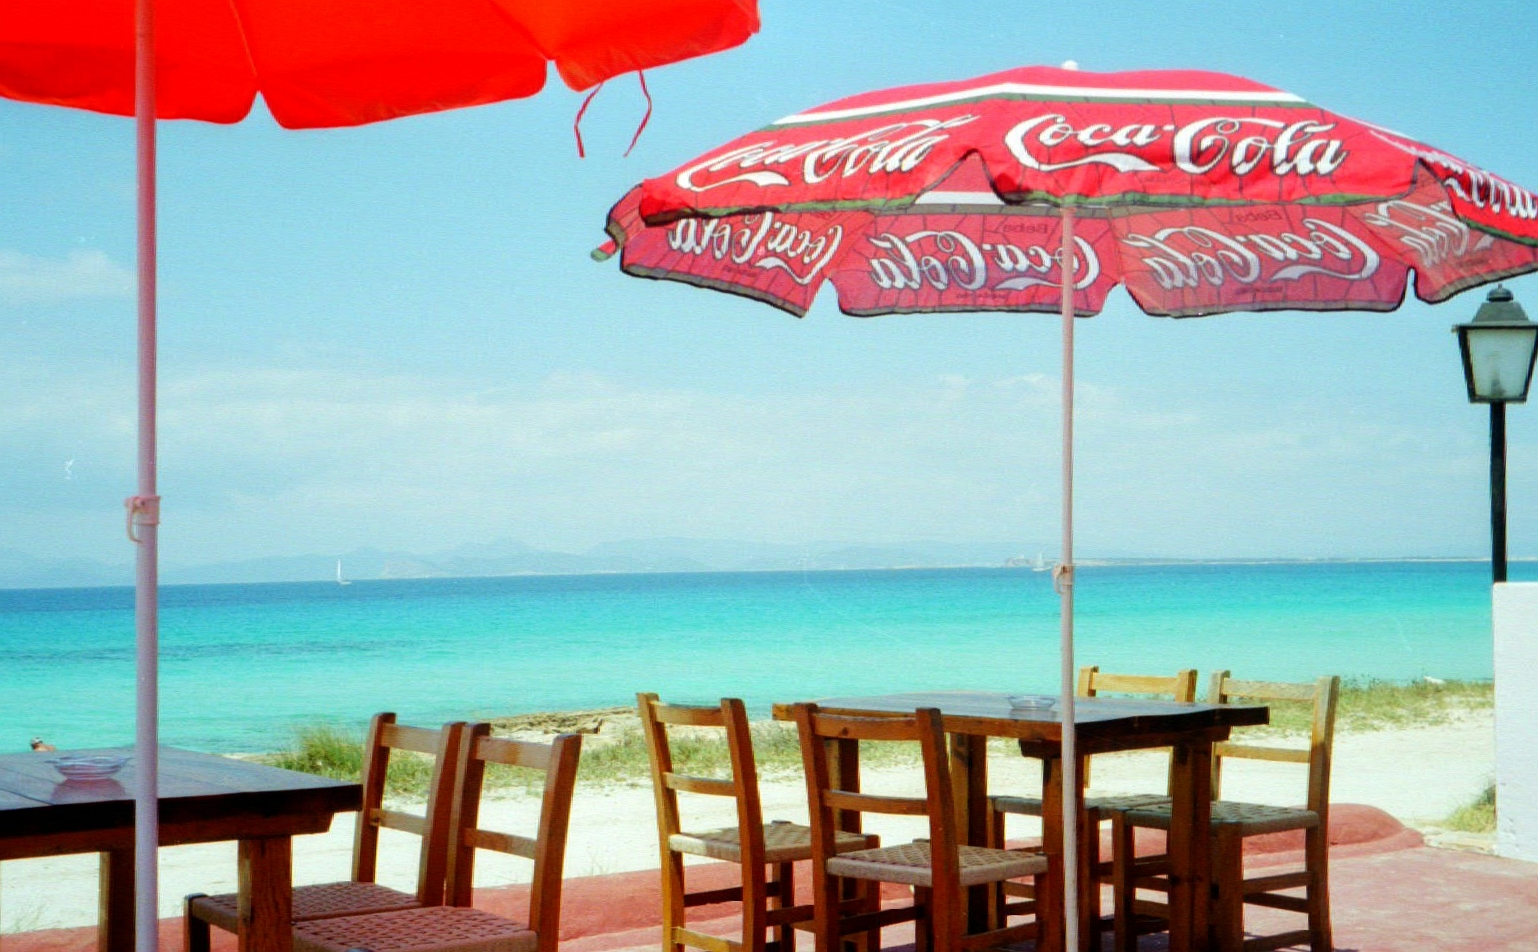 Restaurante Sa Sequi auf Formentera.....